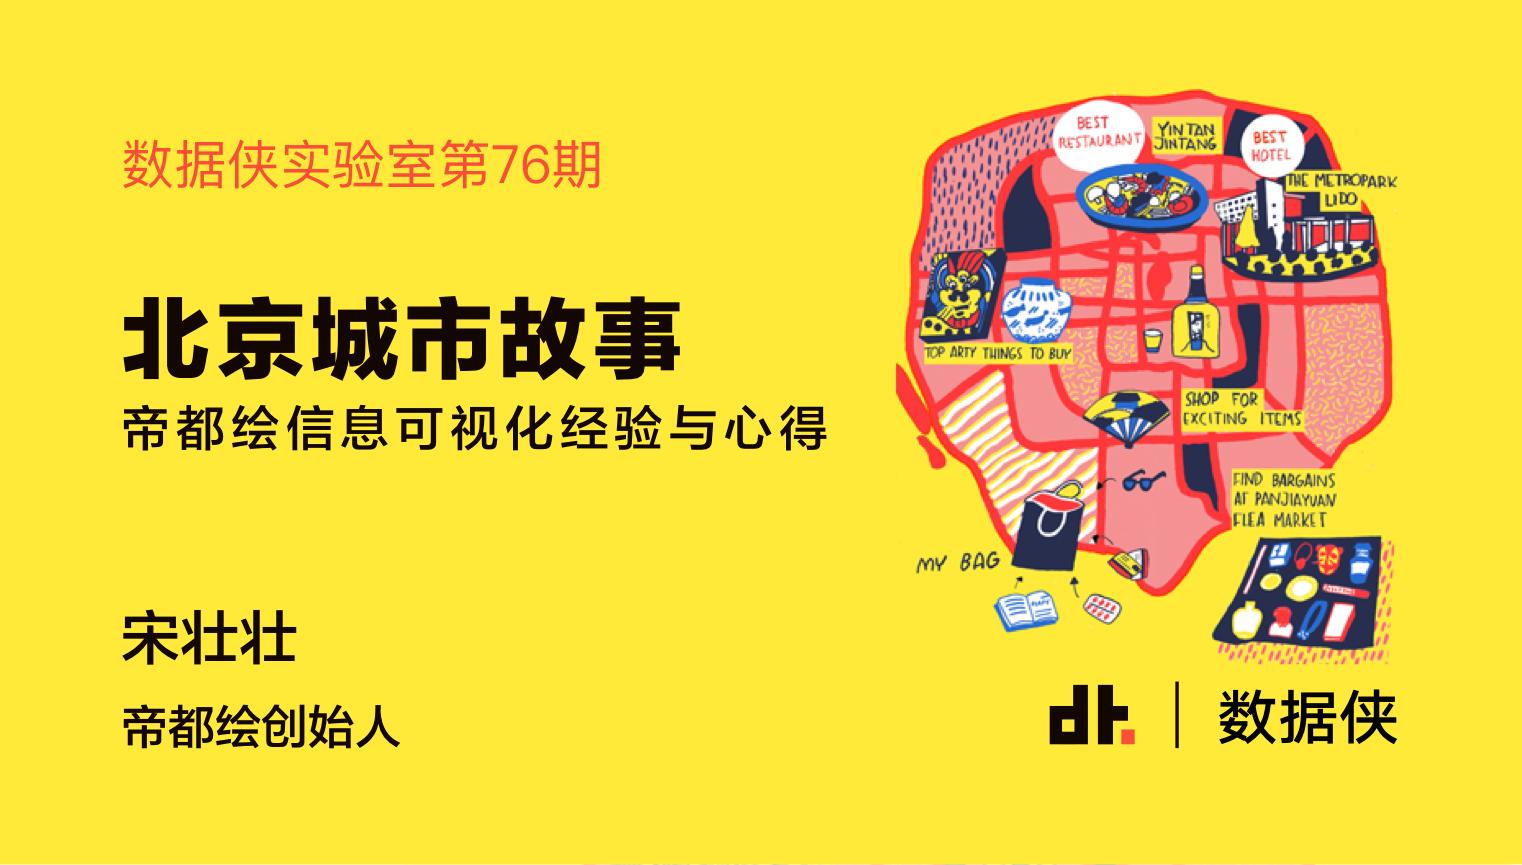 北京北京,我在这里哭泣,也在这里做设计! | 数据侠实验室 76期